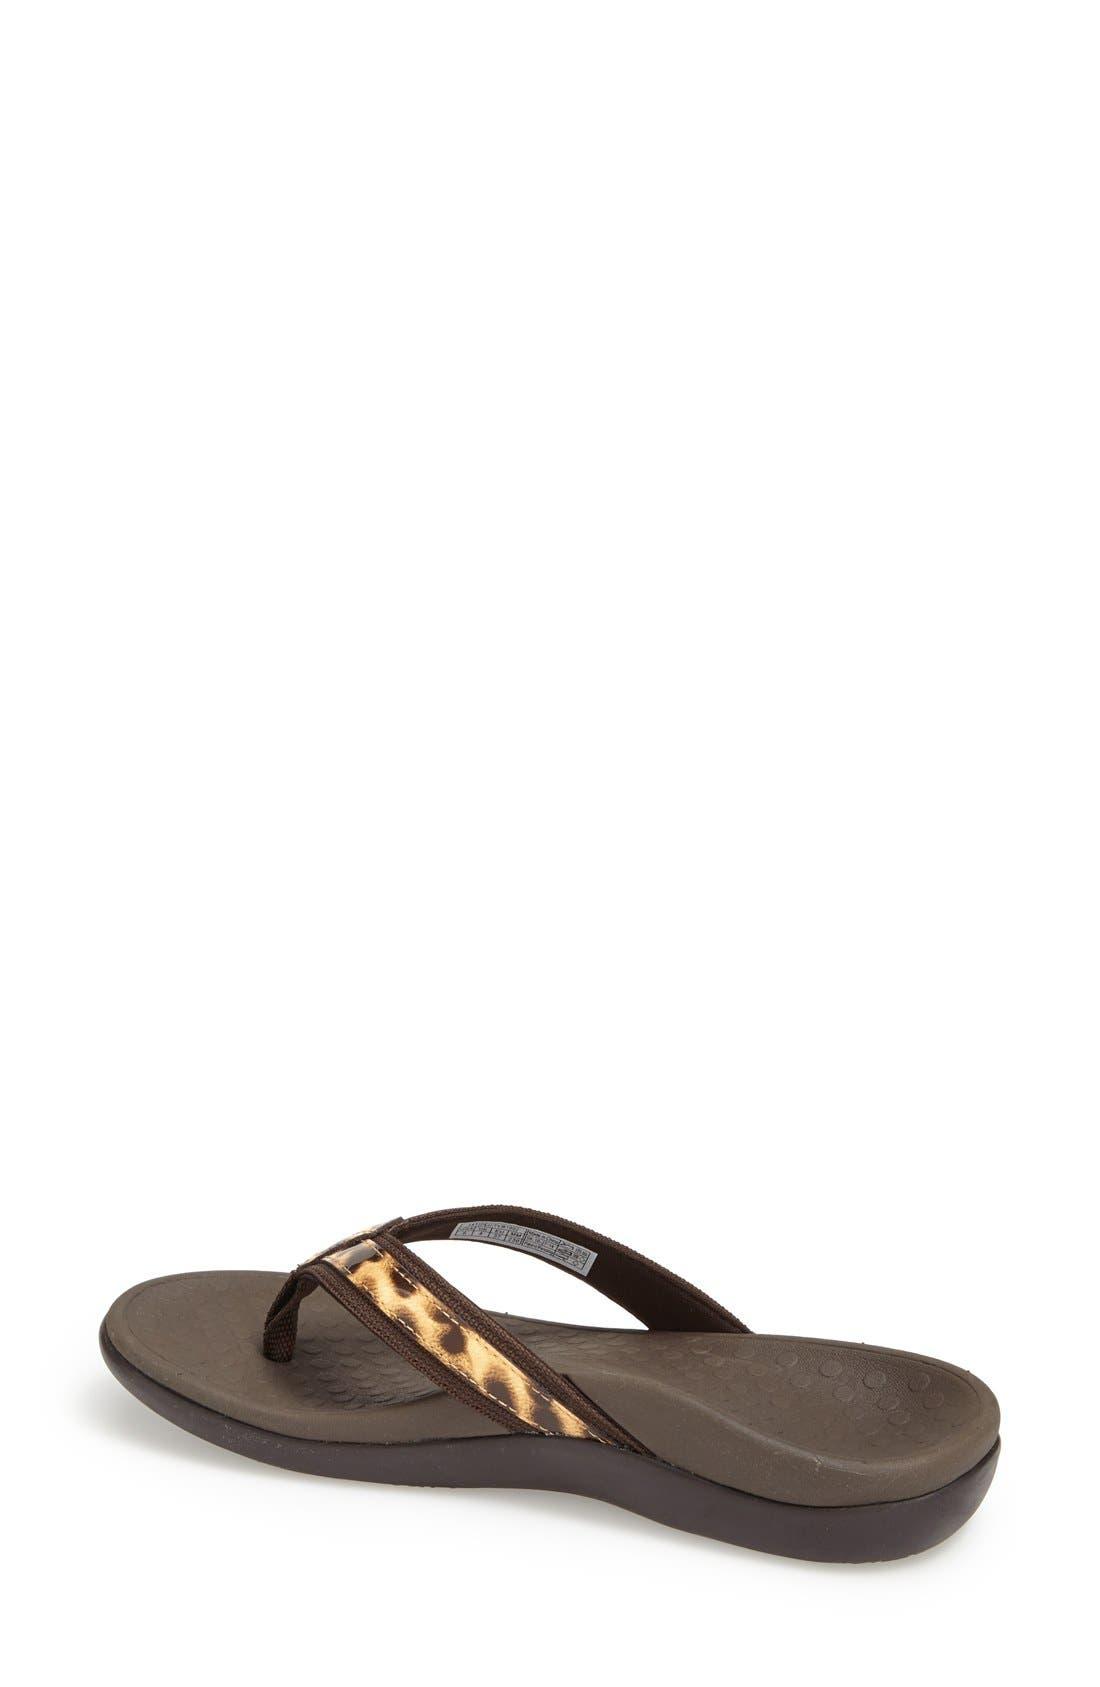 bc645fa39e91e3 Women s Vionic Shoes